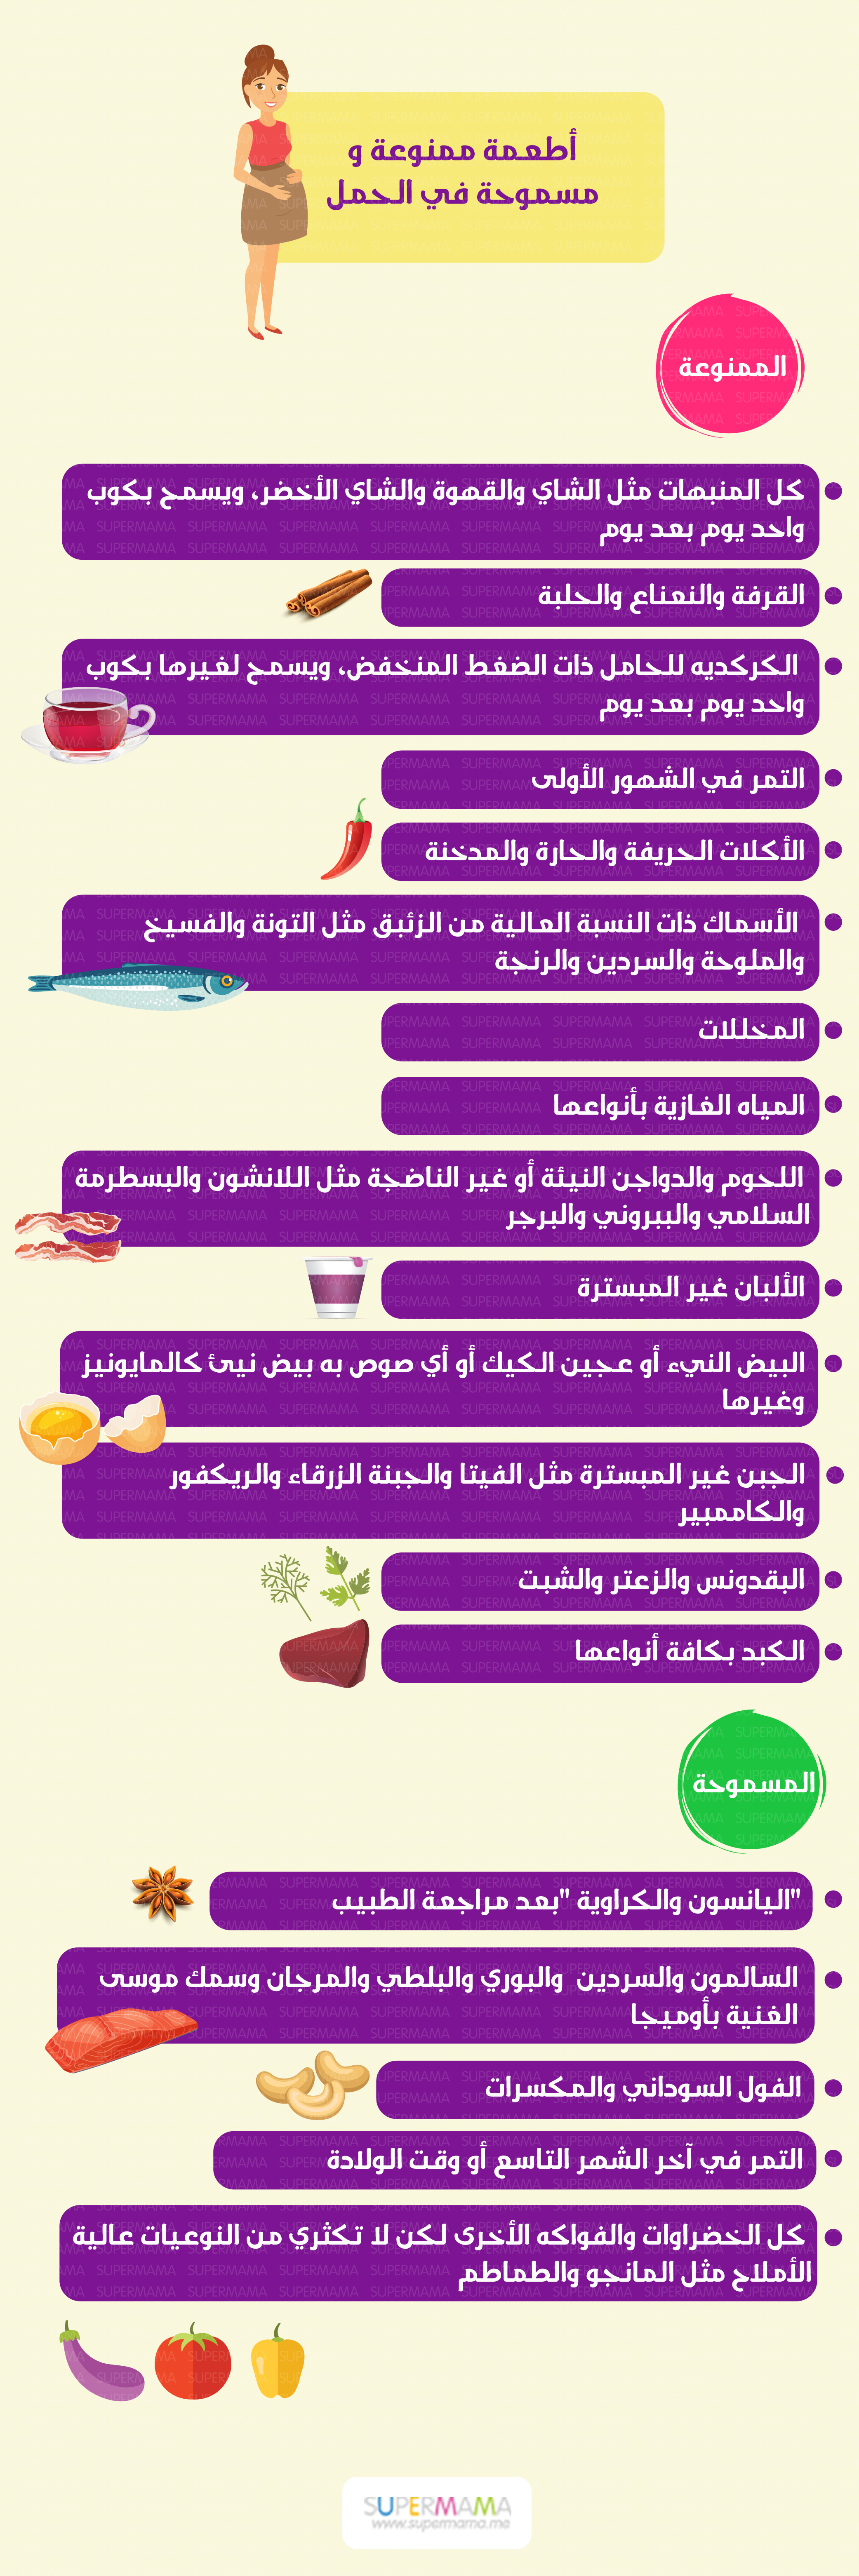 ماذا تطعمين مولودك في الشهر الخامس؟